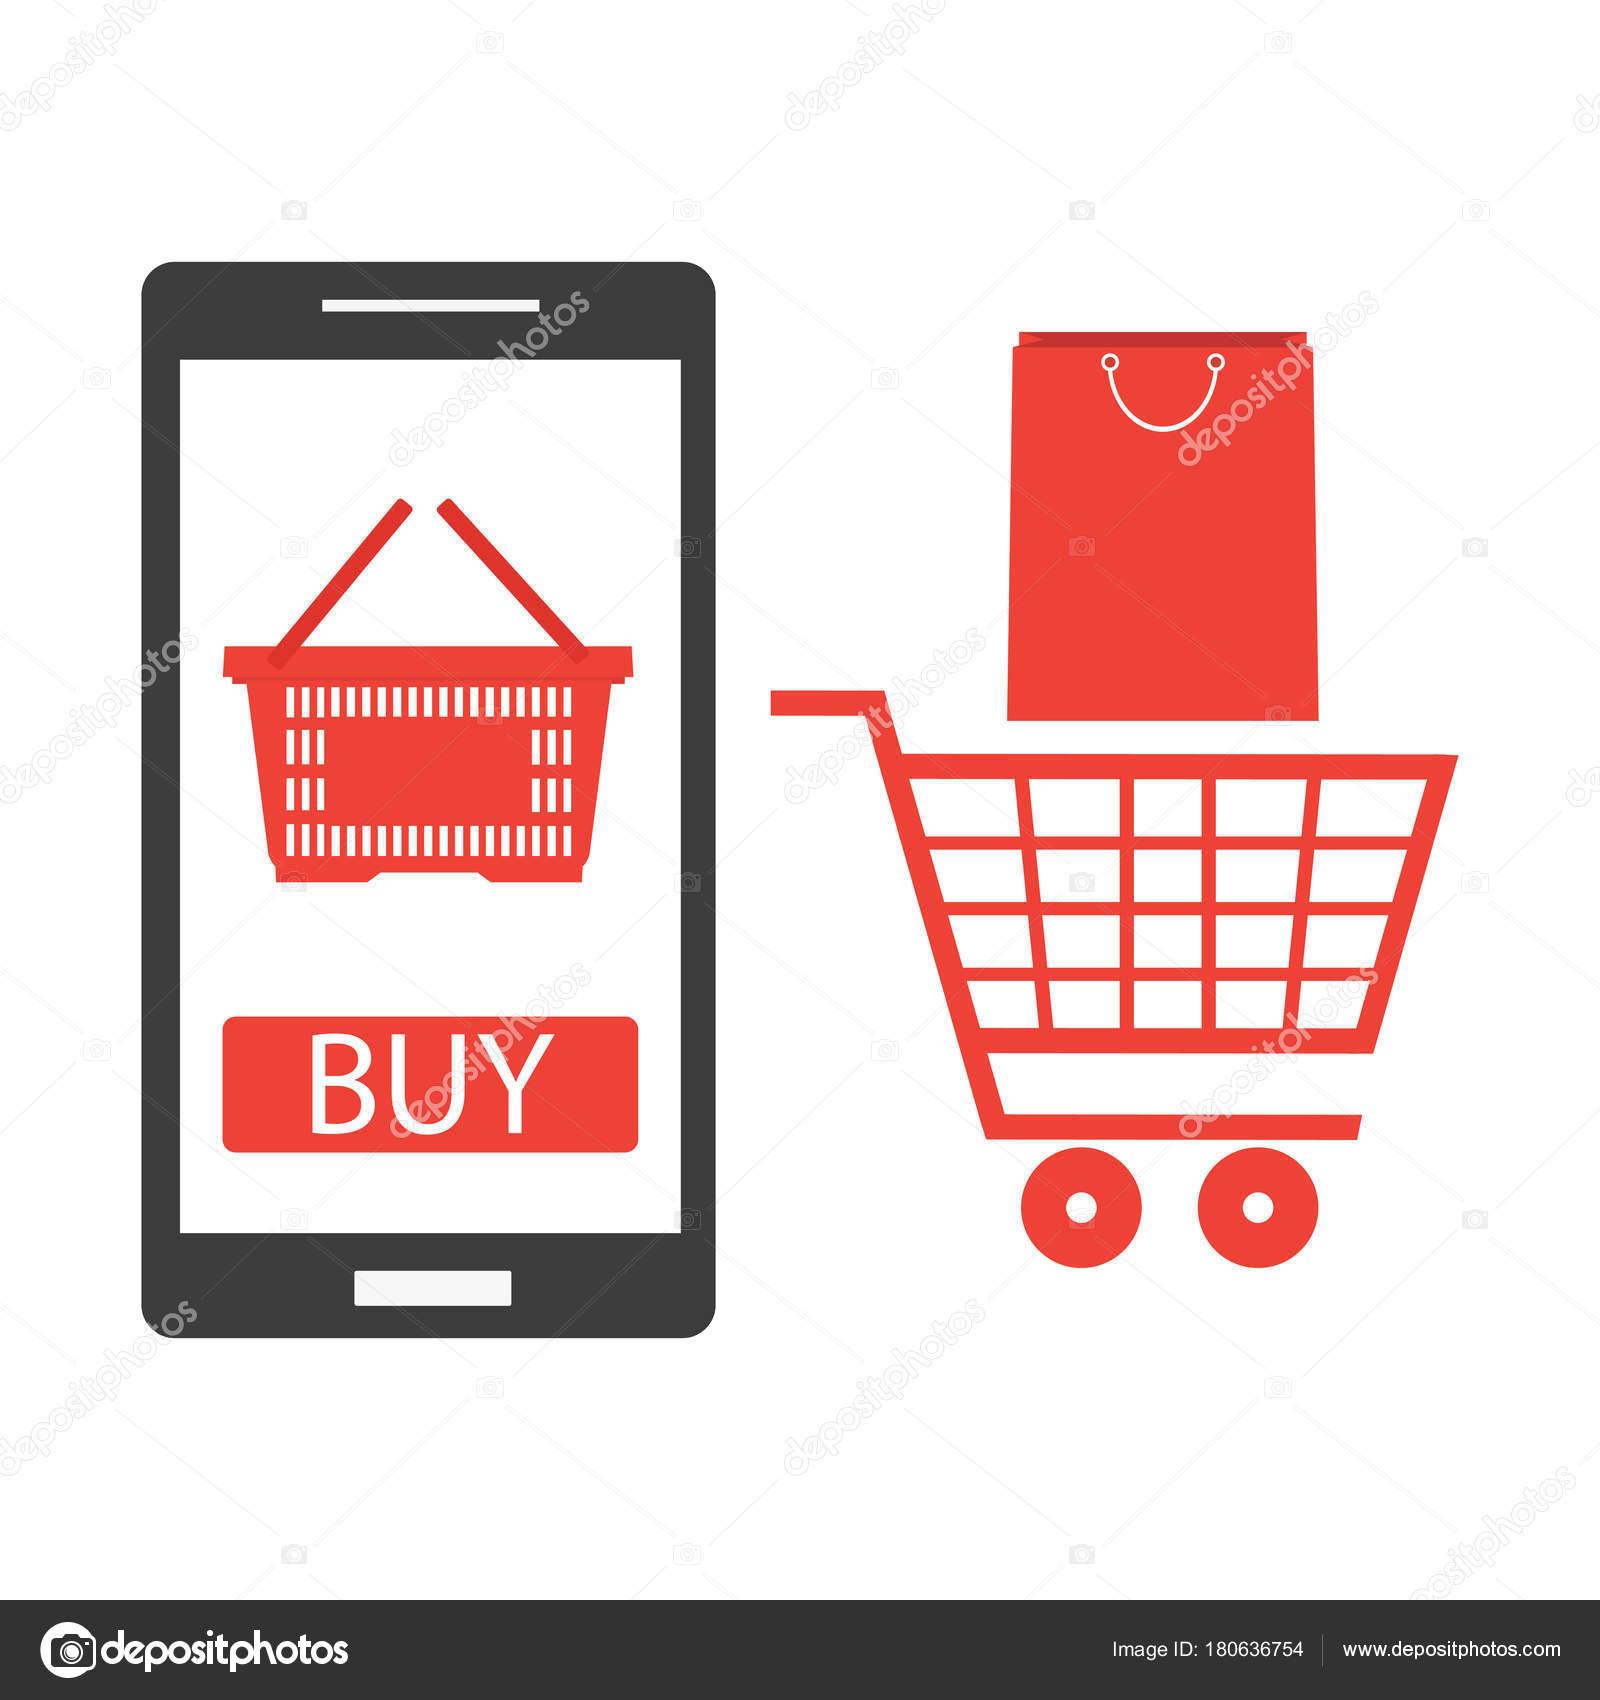 Tel fono m vil con carrito compras pedidos l nea concepto for Compra online mobili